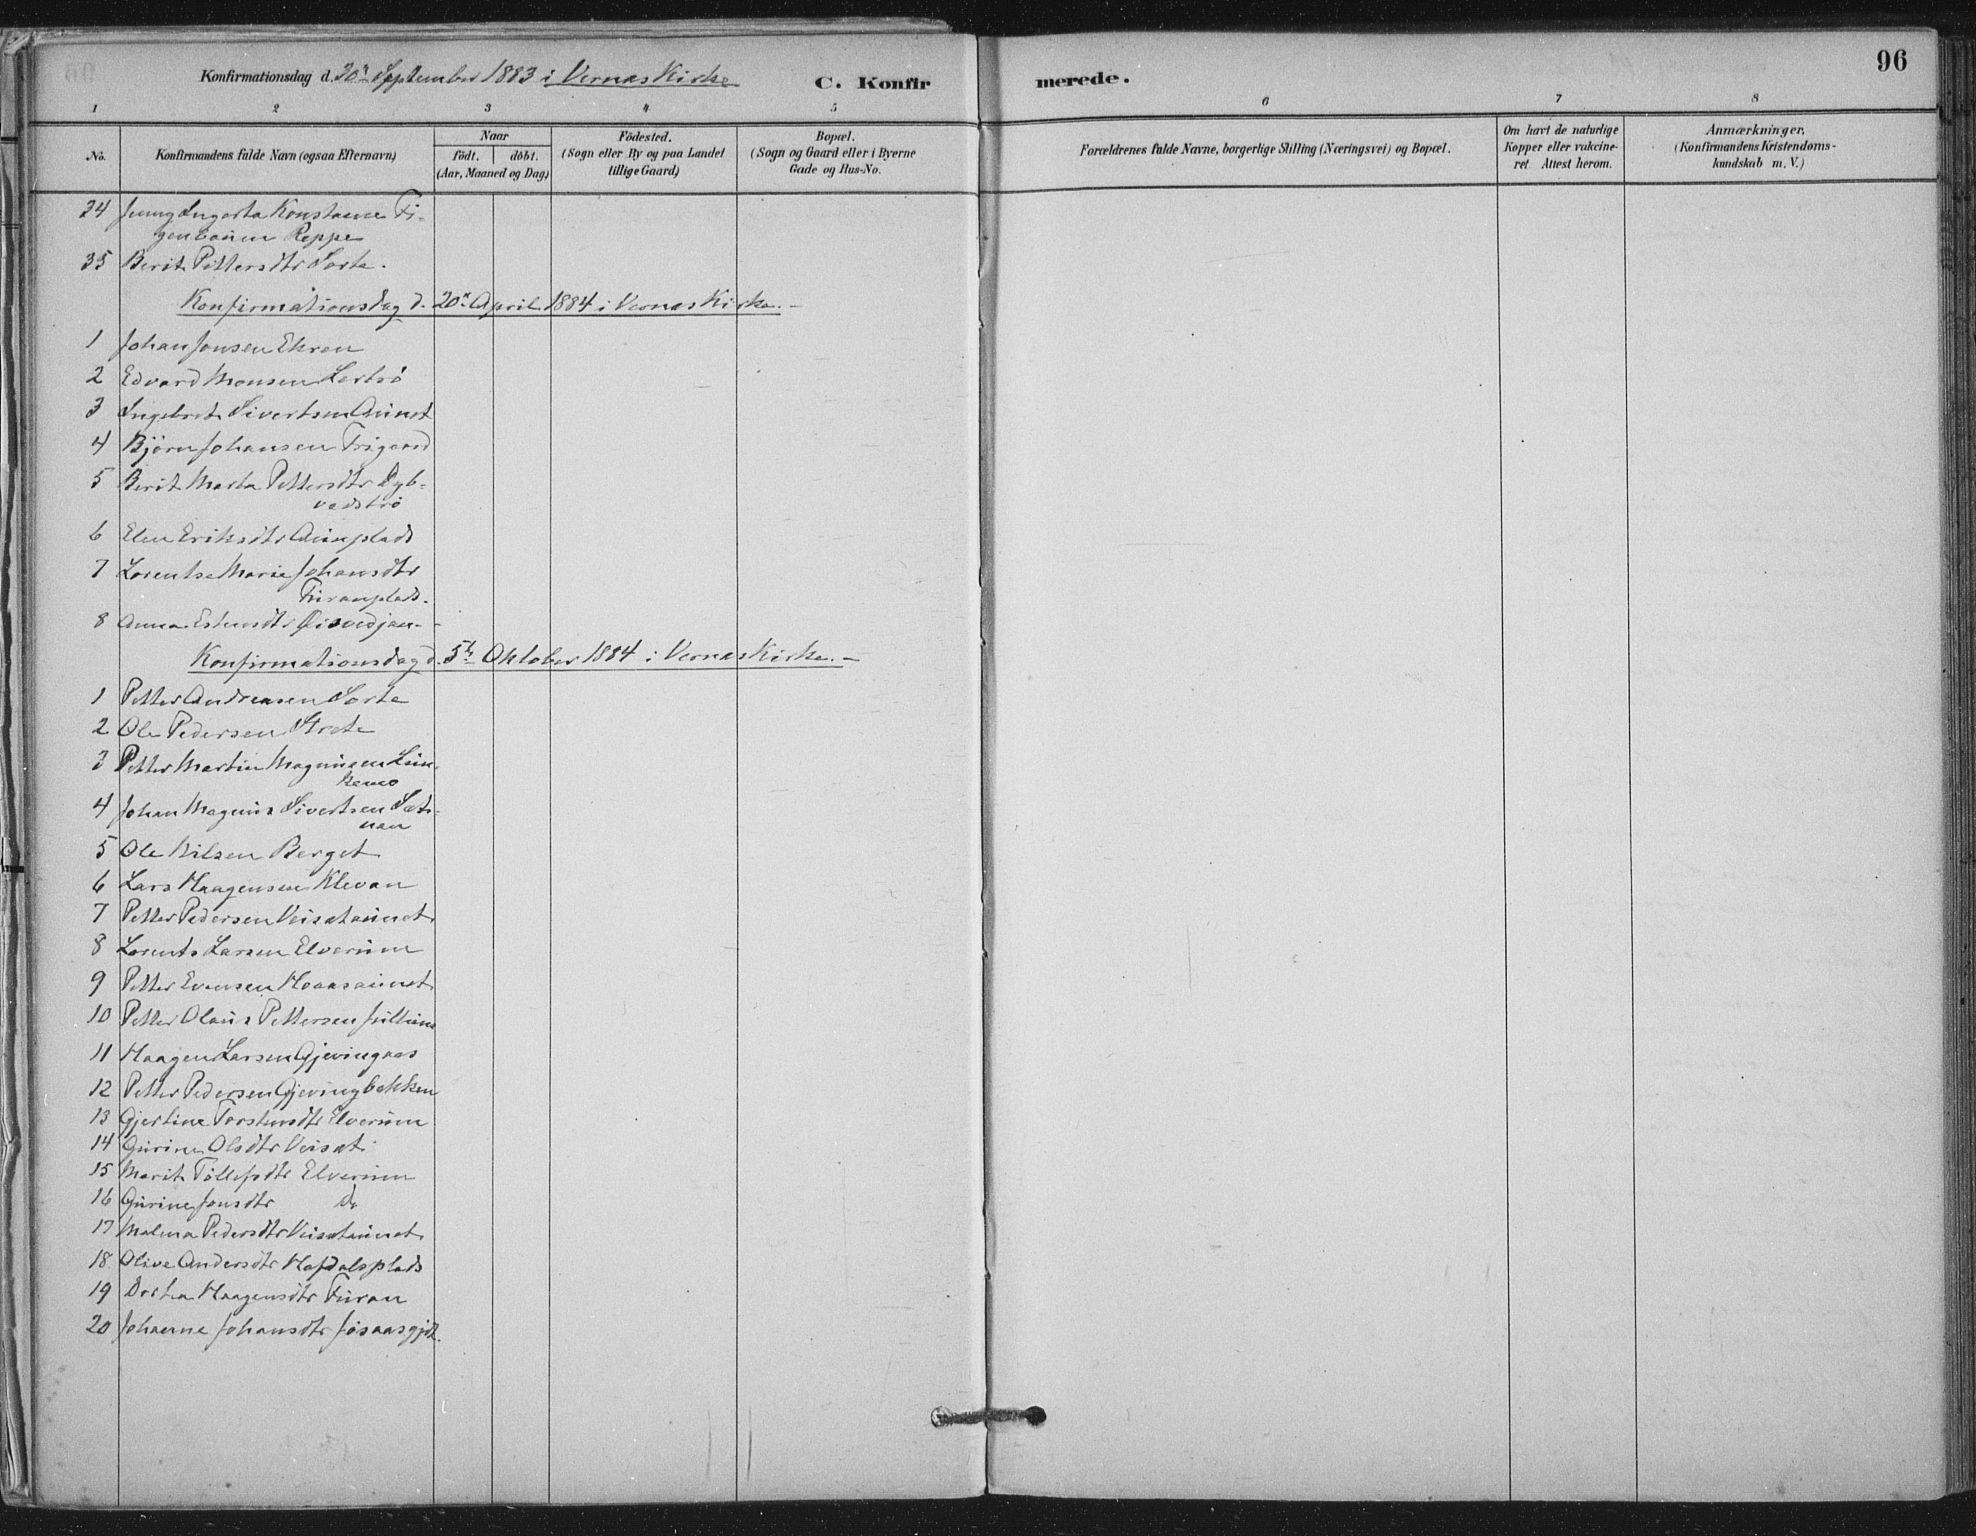 SAT, Ministerialprotokoller, klokkerbøker og fødselsregistre - Nord-Trøndelag, 710/L0095: Ministerialbok nr. 710A01, 1880-1914, s. 96